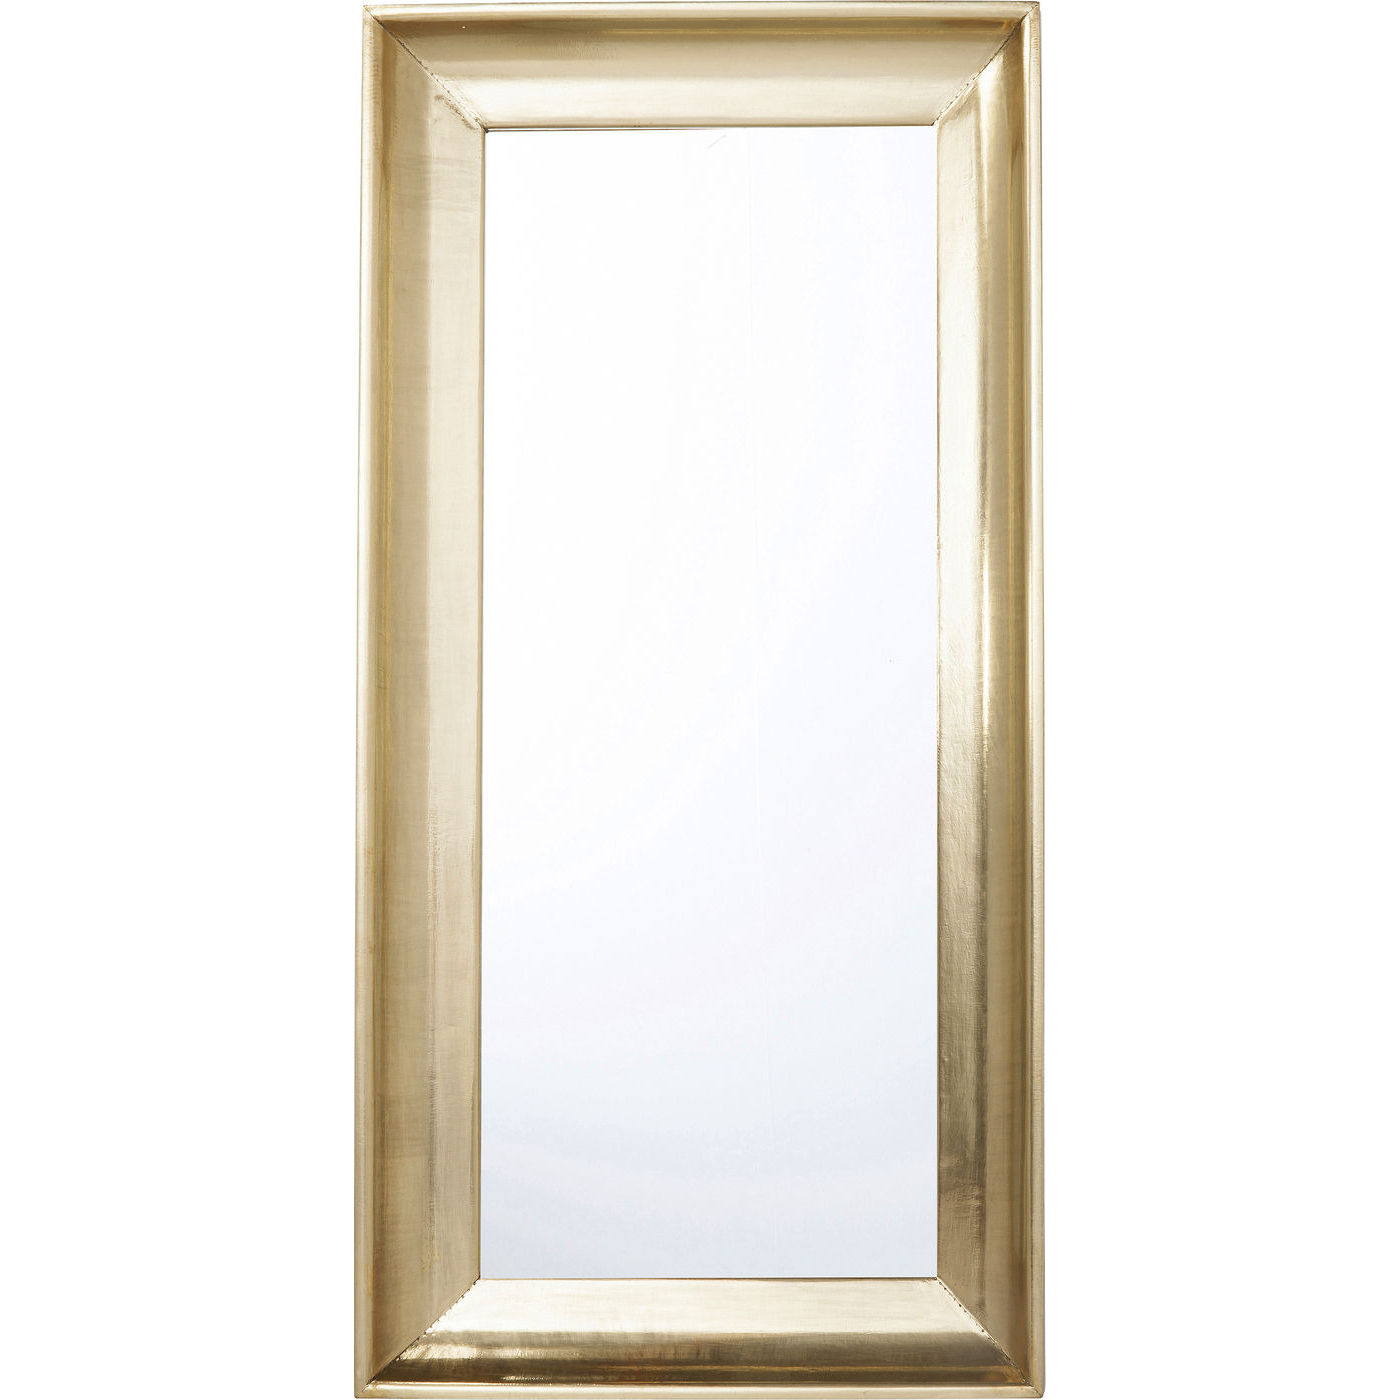 kare design – Kare design crudo vægspejl - spejlglas/messing træ, rektangulær (180x90) på boboonline.dk